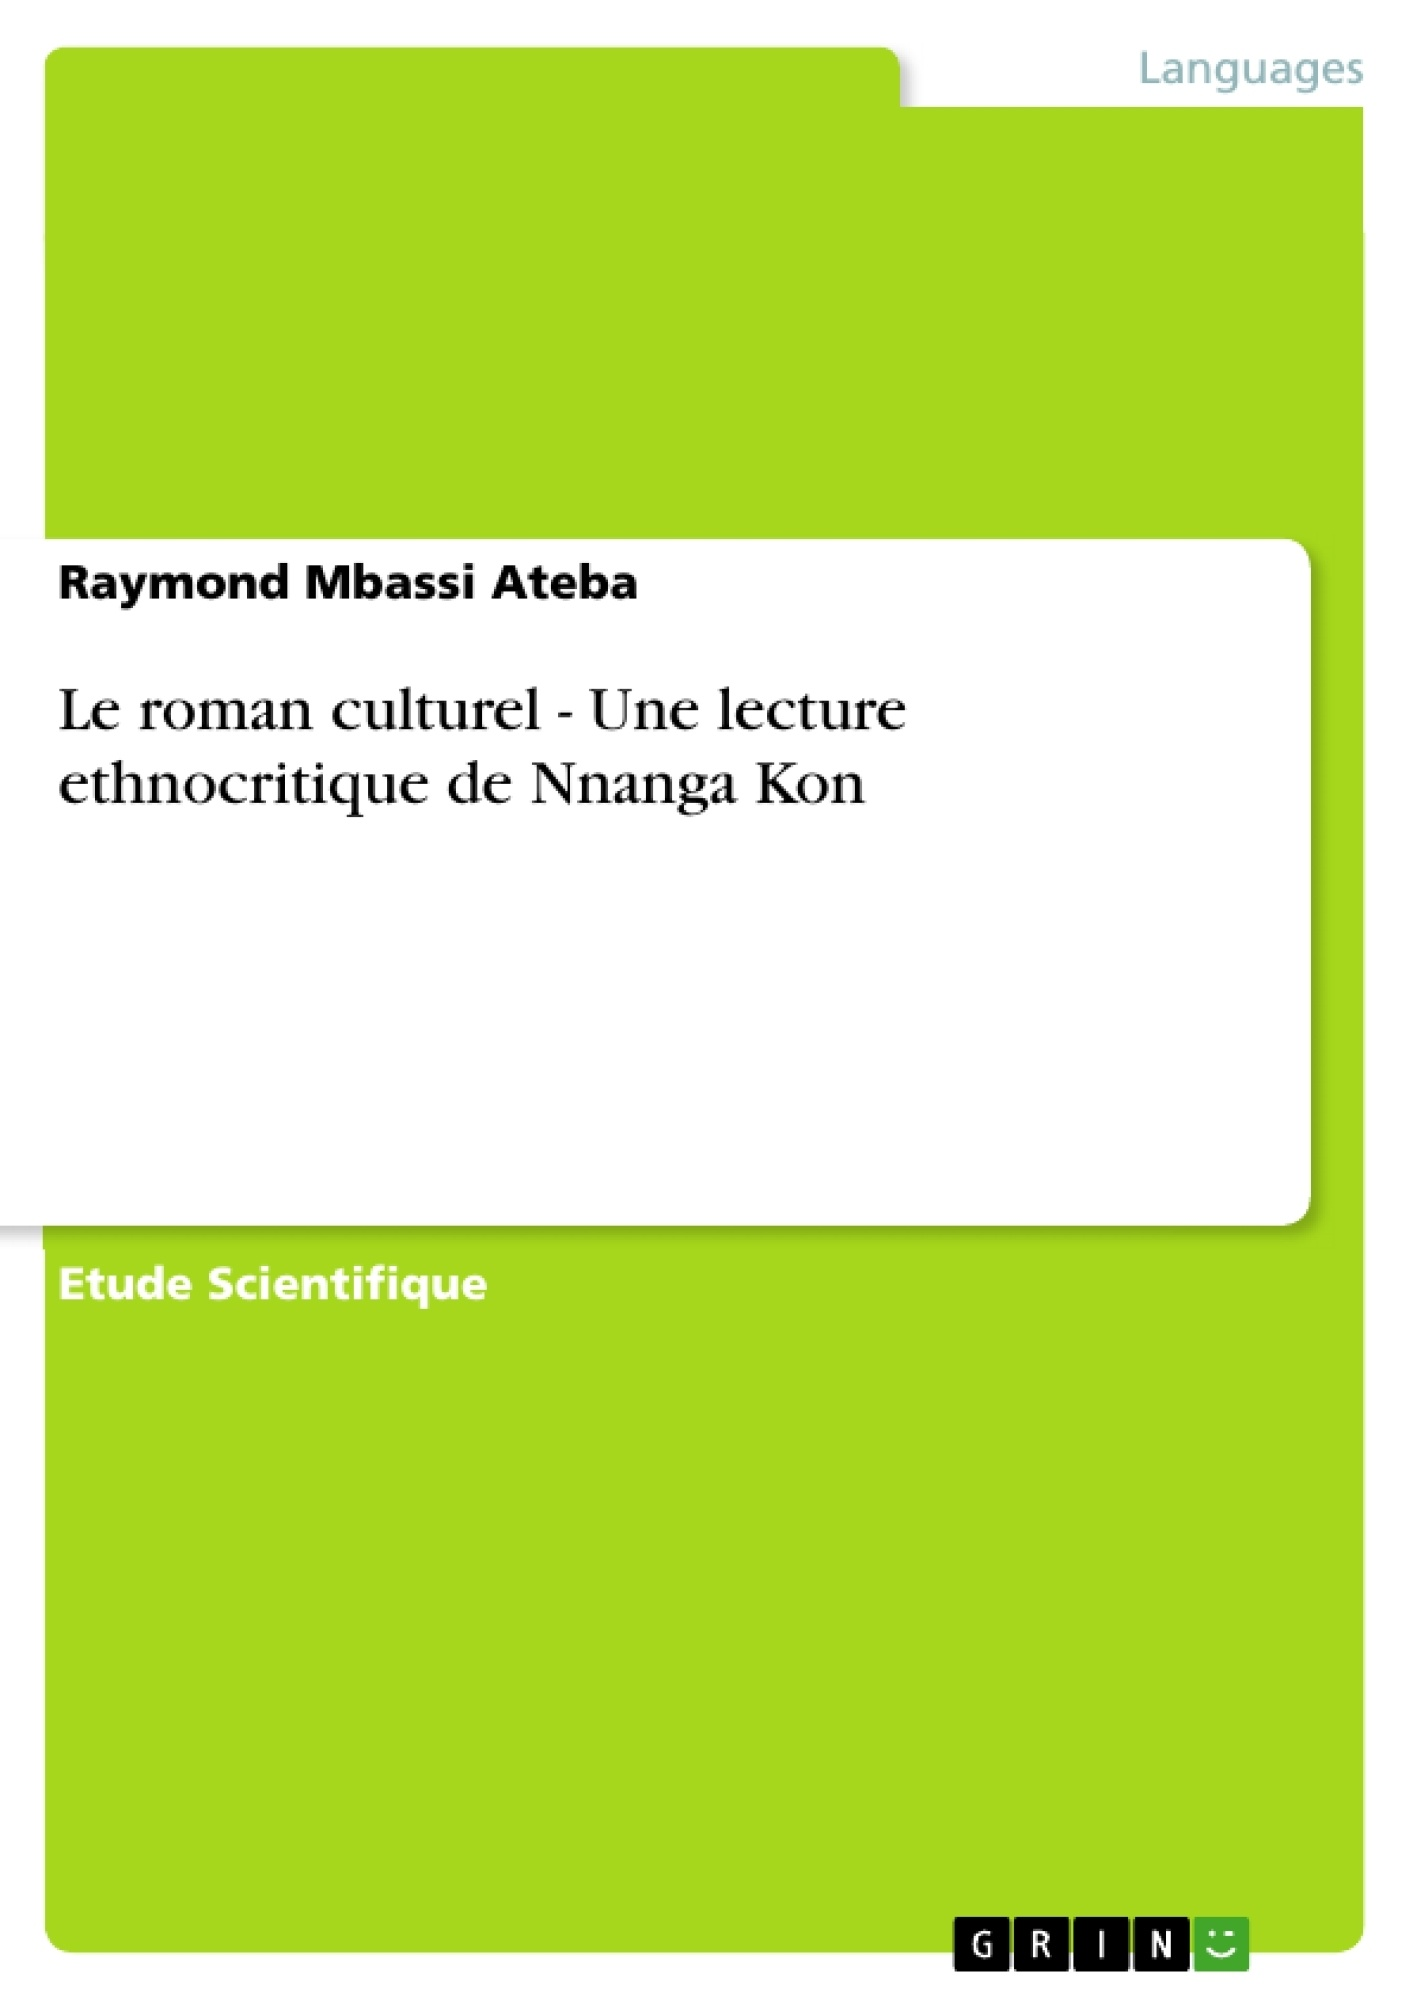 Titre: Le roman culturel - Une lecture ethnocritique de Nnanga Kon